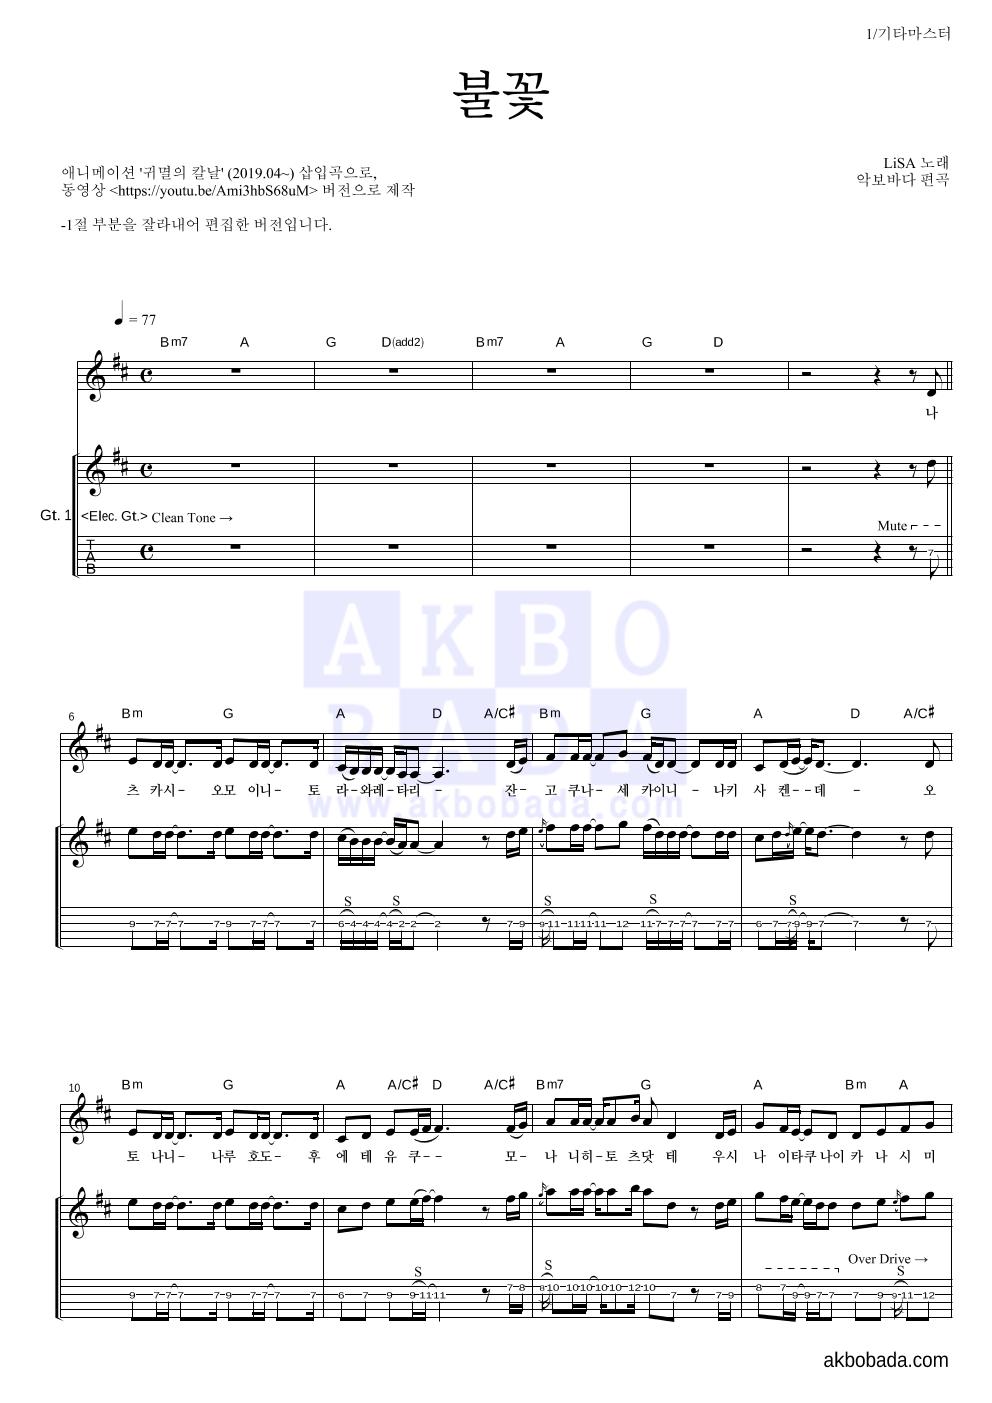 귀멸의 칼날 OST - 불꽃 기타 마스터 악보